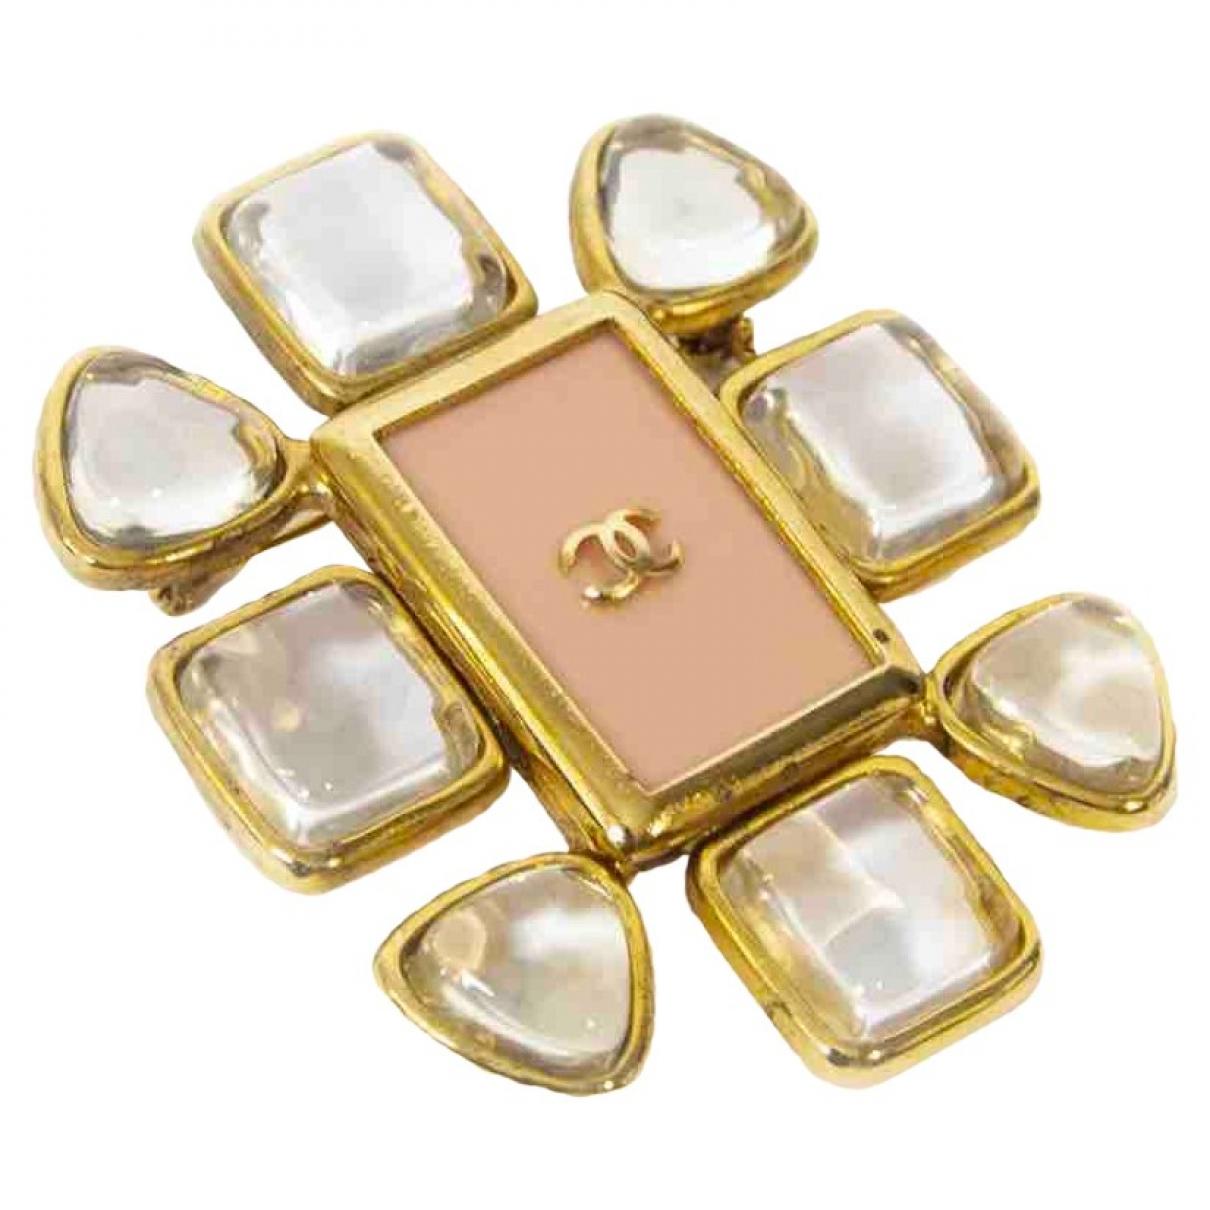 Chanel - Broche CHANEL pour femme en plaque or - dore